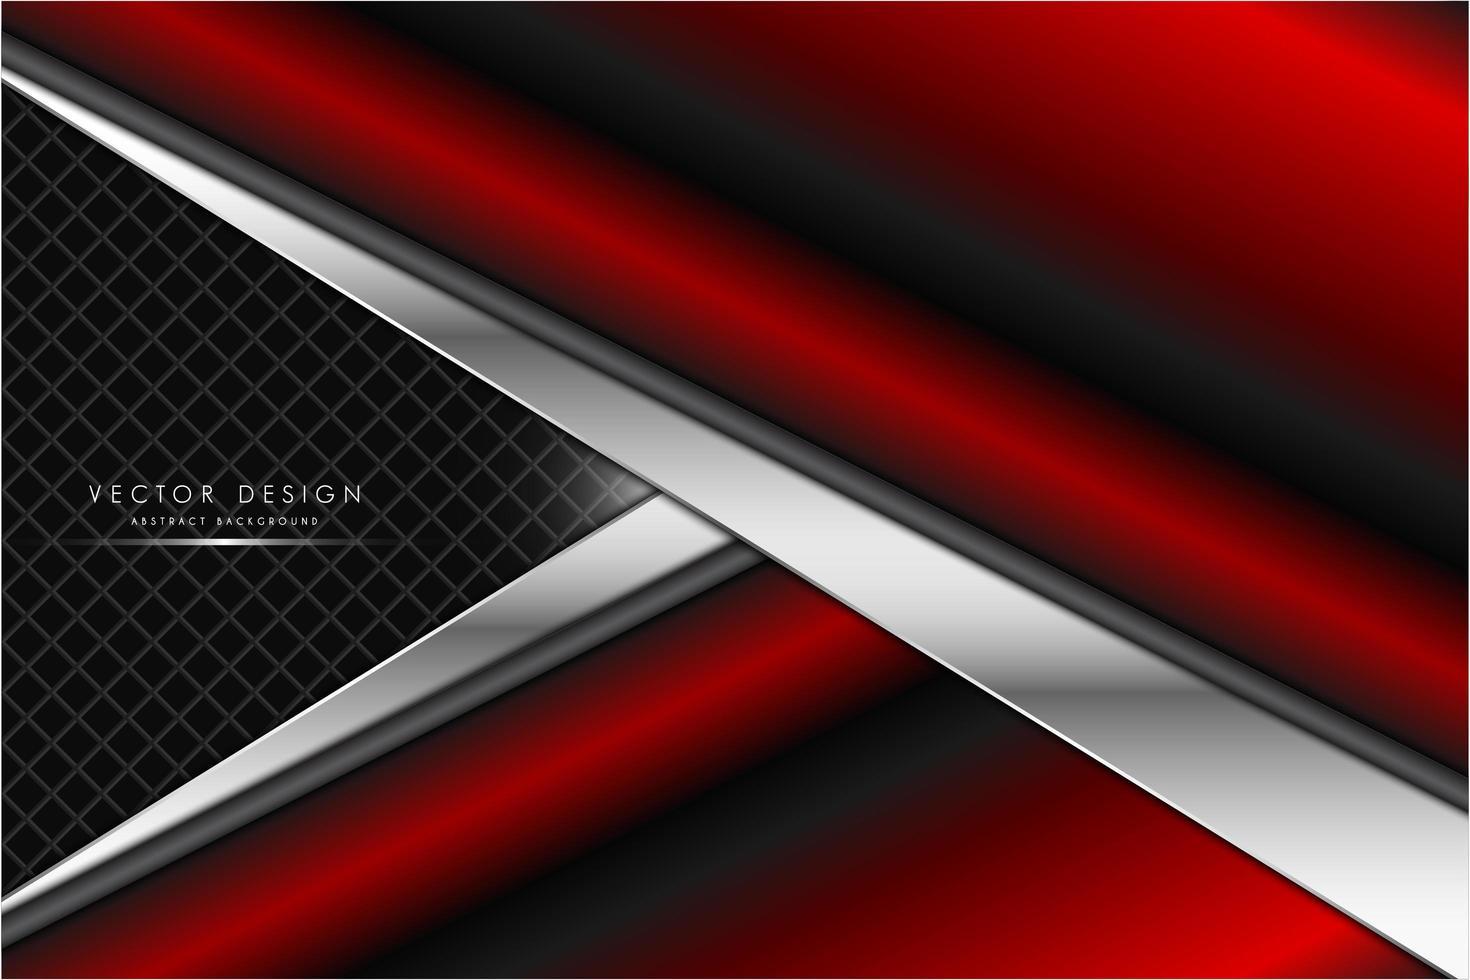 rood en zilver metallic textuur in pijlvorm vector